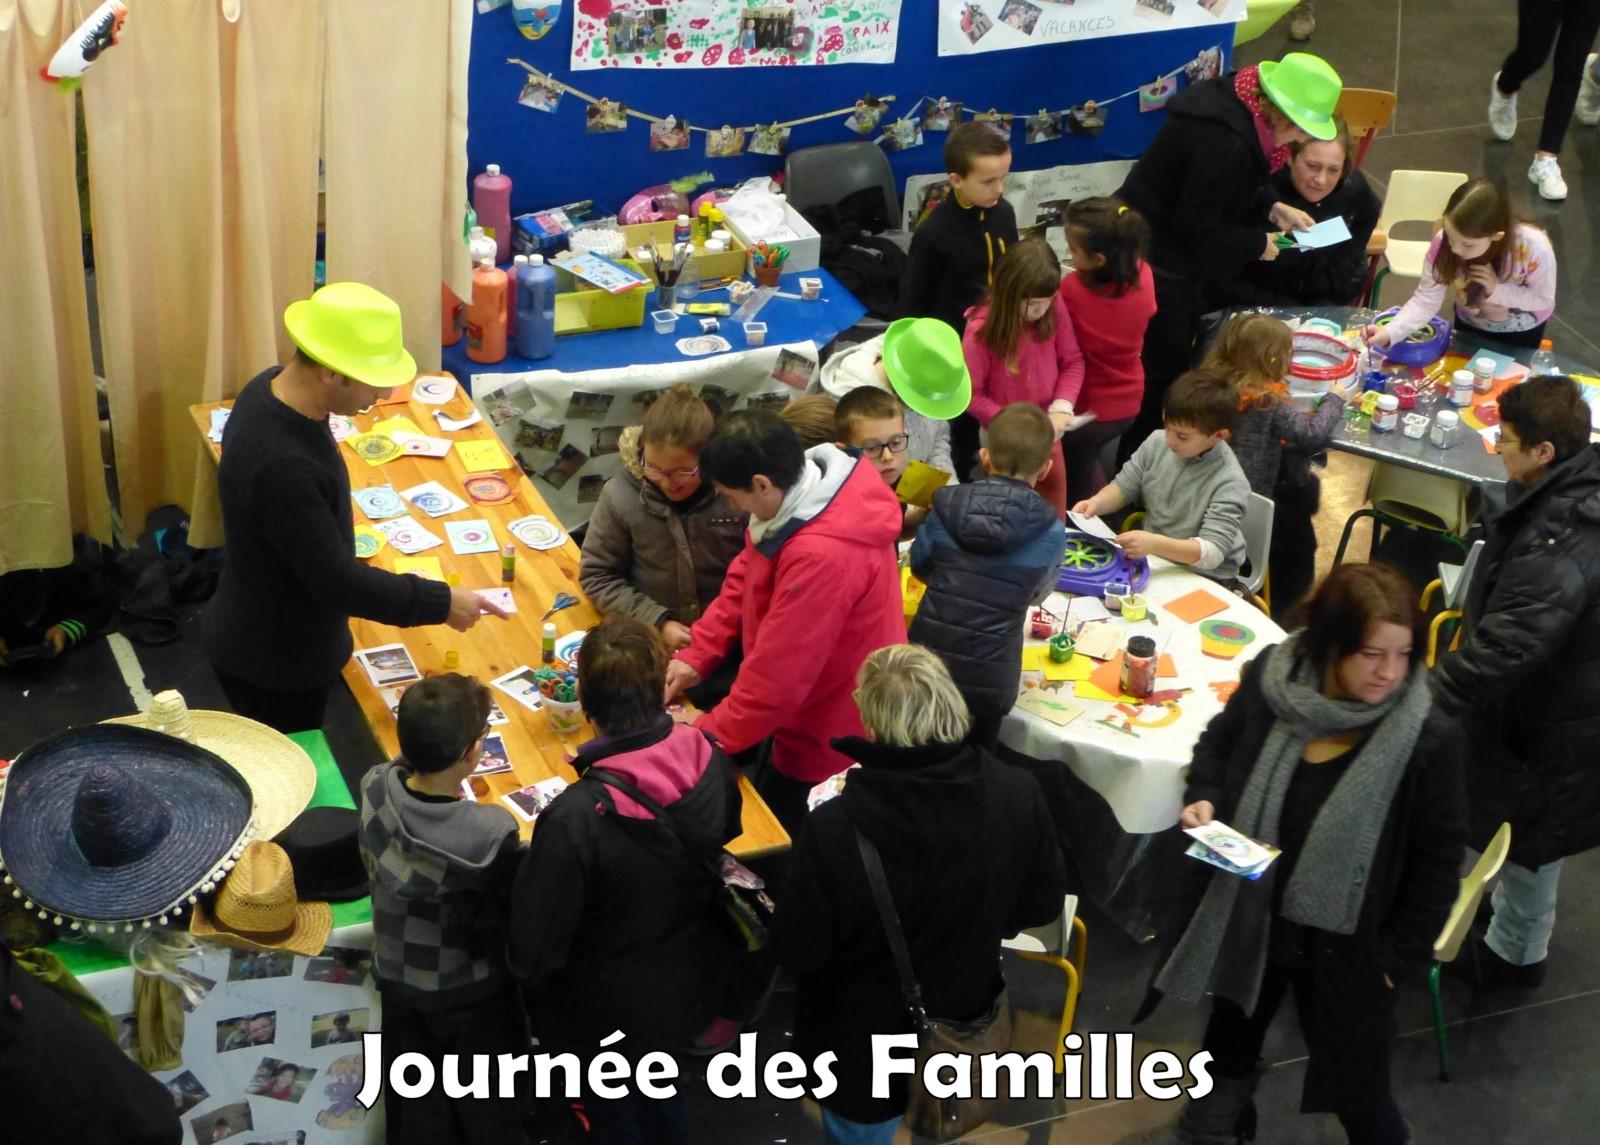 95Journée des Familles (2)